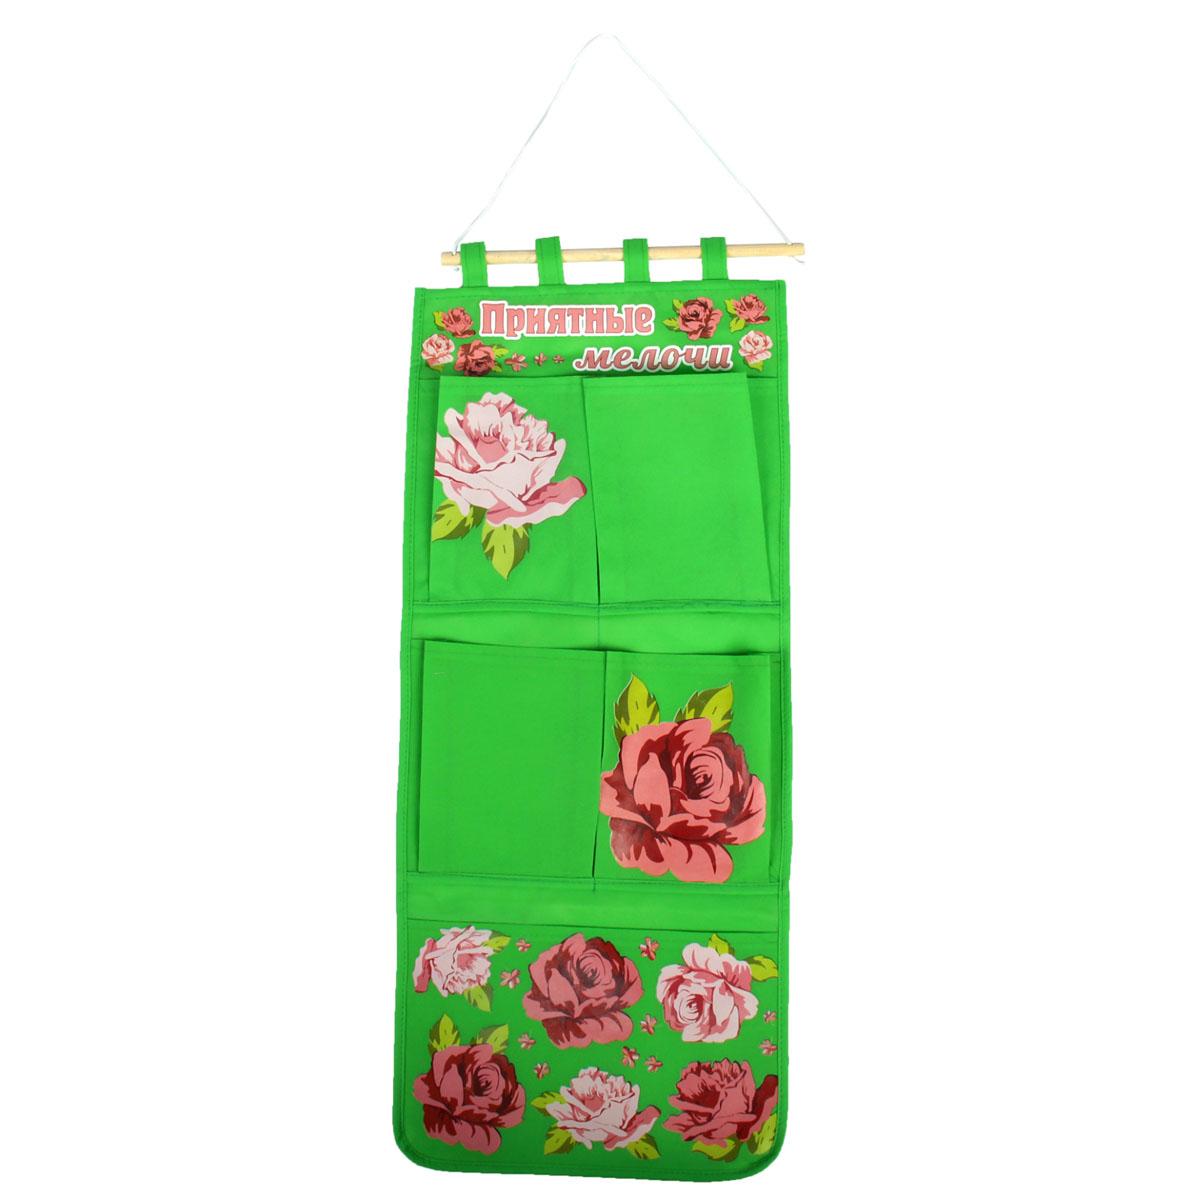 Кармашки на стену Sima-land Приятные мелочи, цвет: салатовый, розовый, бордовый, 5 шт906880Кармашки на стену Sima-land «Приятные мелочи», изготовленные из текстиля, предназначены для хранения необходимых вещей, множества мелочей в гардеробной, ванной, детской комнатах. Изделие представляет собой текстильное полотно с пятью пришитыми кармашками. Благодаря деревянной планке и шнурку, кармашки можно подвесить на стену или дверь в необходимом для вас месте. Кармашки декорированы изображениями роз и надписью «Приятные мелочи. Этот нужный предмет может стать одновременно и декоративным элементом комнаты. Яркий дизайн, как ничто иное, способен оживить интерьер вашего дома.